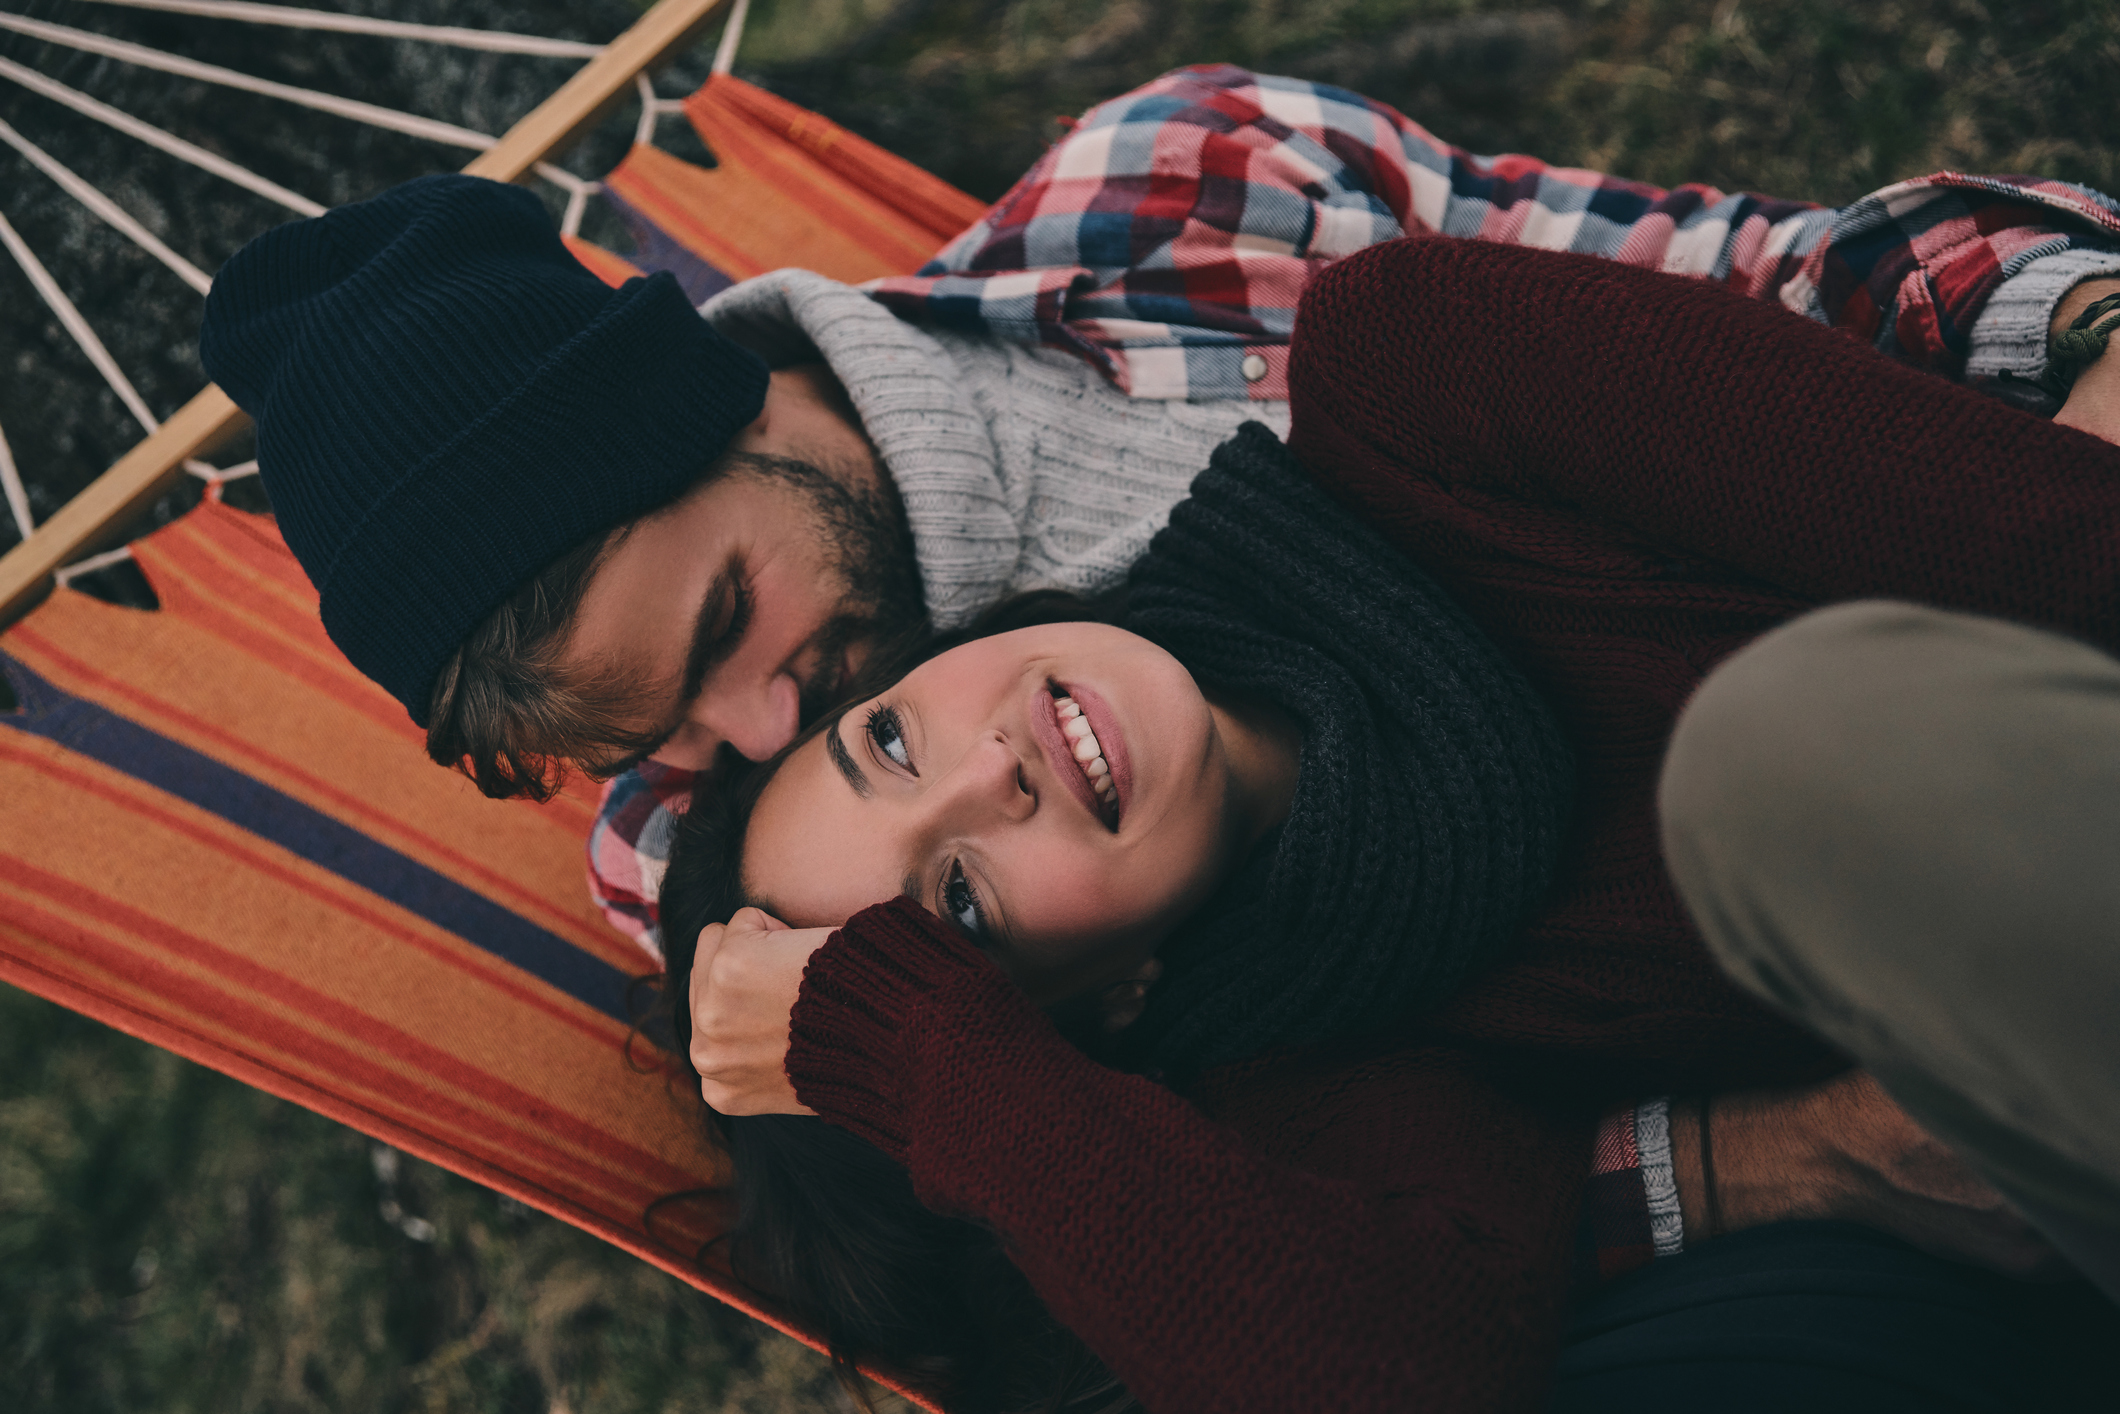 Onaj koji grli može osjetiti čak još veće dobrobiti od onoga koji je zagrljen.